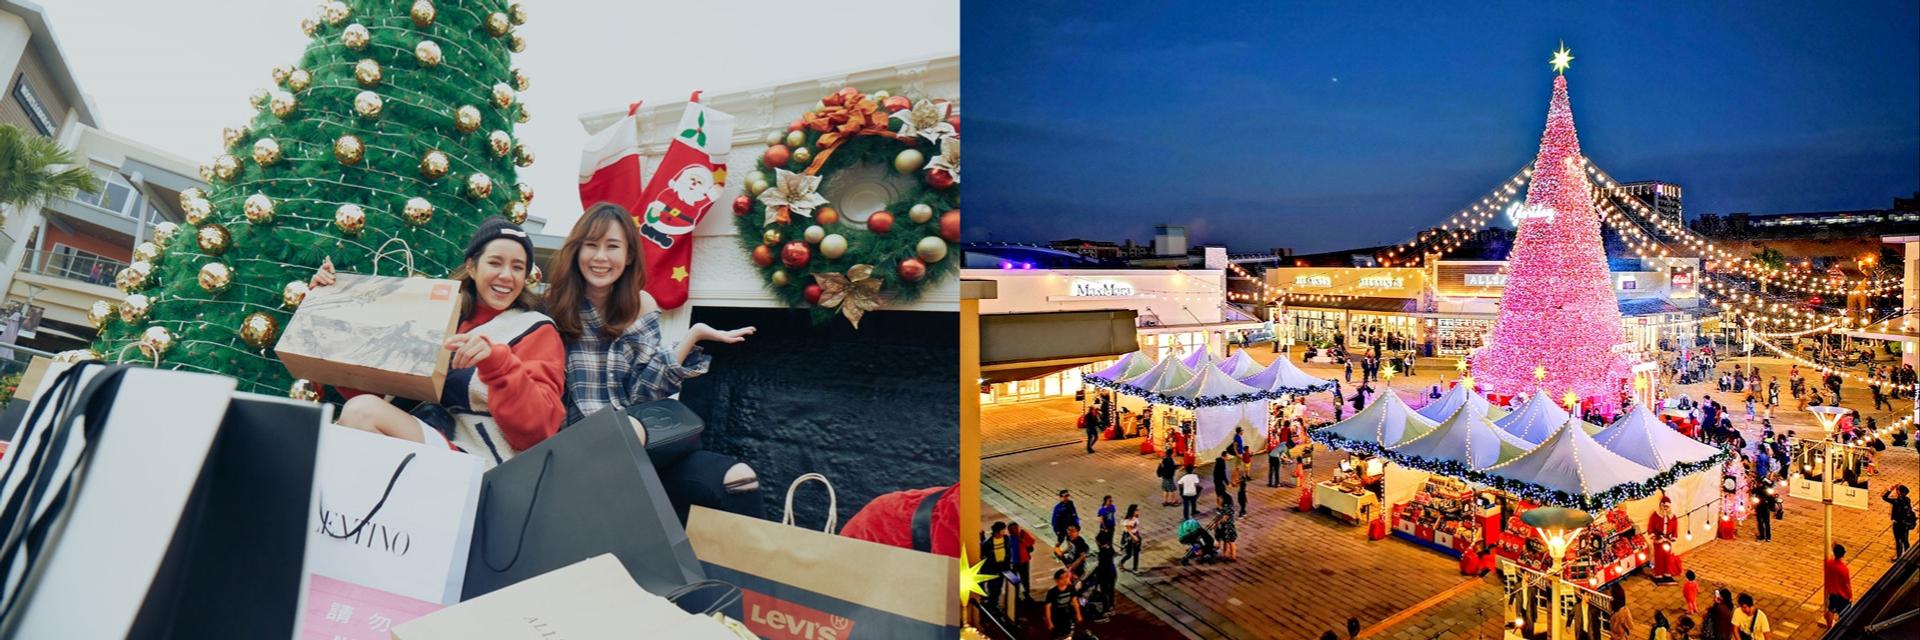 連潮人都來,最有Feel的聖誕節就在這!下著雪逛市集拍聖誕樹,根本就像飛到國外!